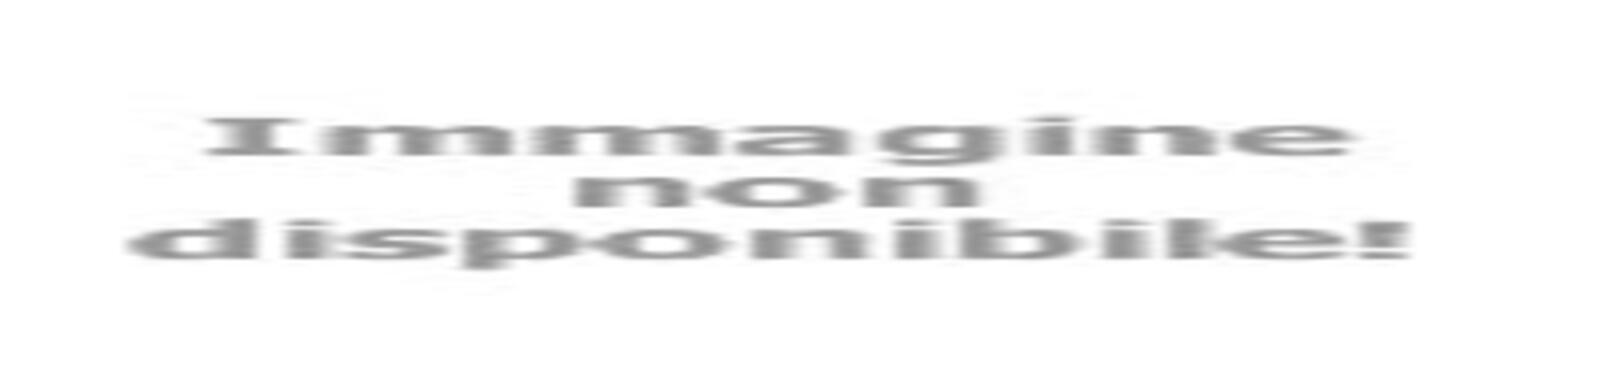 petronianaviaggi it villa-revedin-il-parco-del-seminario-e-il-rifugio-antiaereo-v409 002